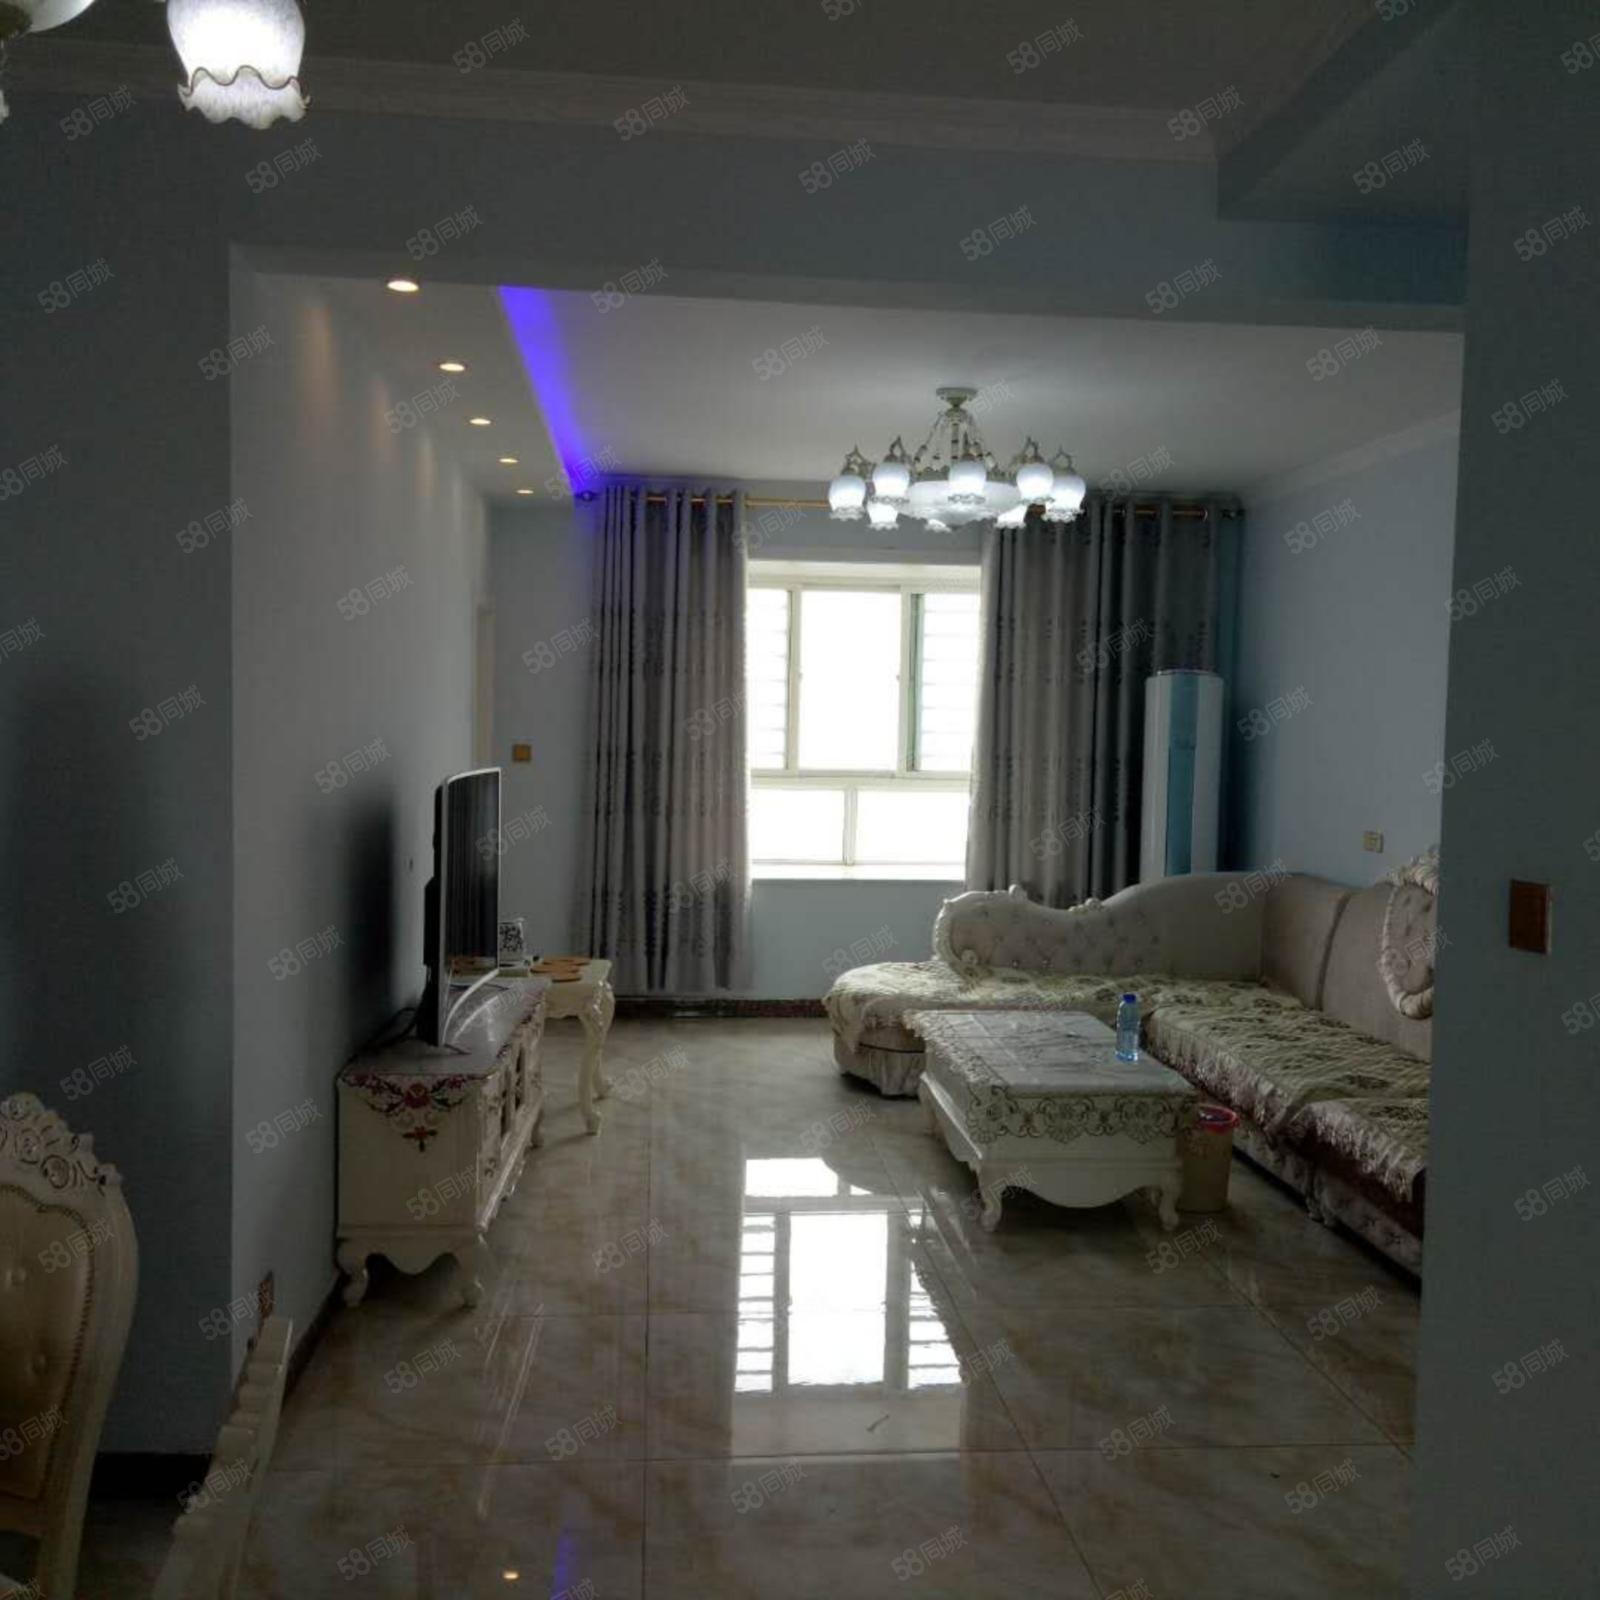 华宇景观天下3室2厅2卫豪华装修全配房子欢迎看房